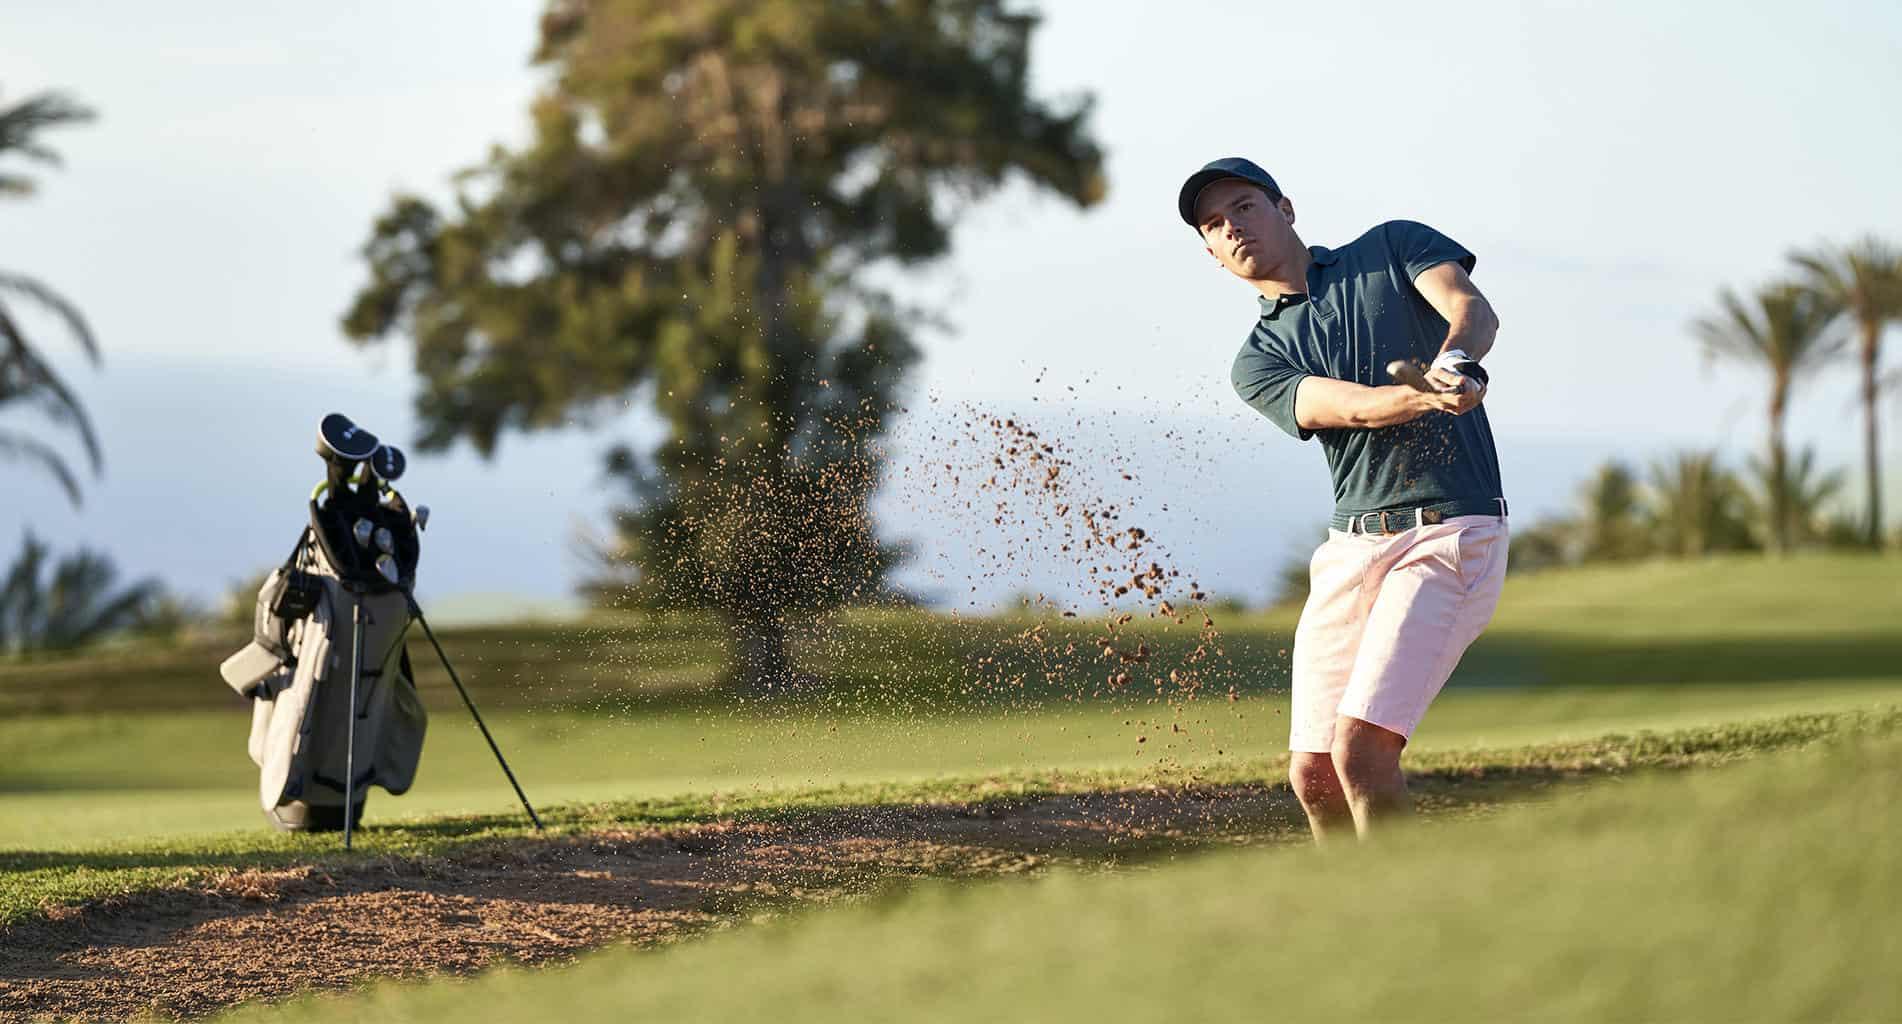 Meilleur Sac De Golf Chariot